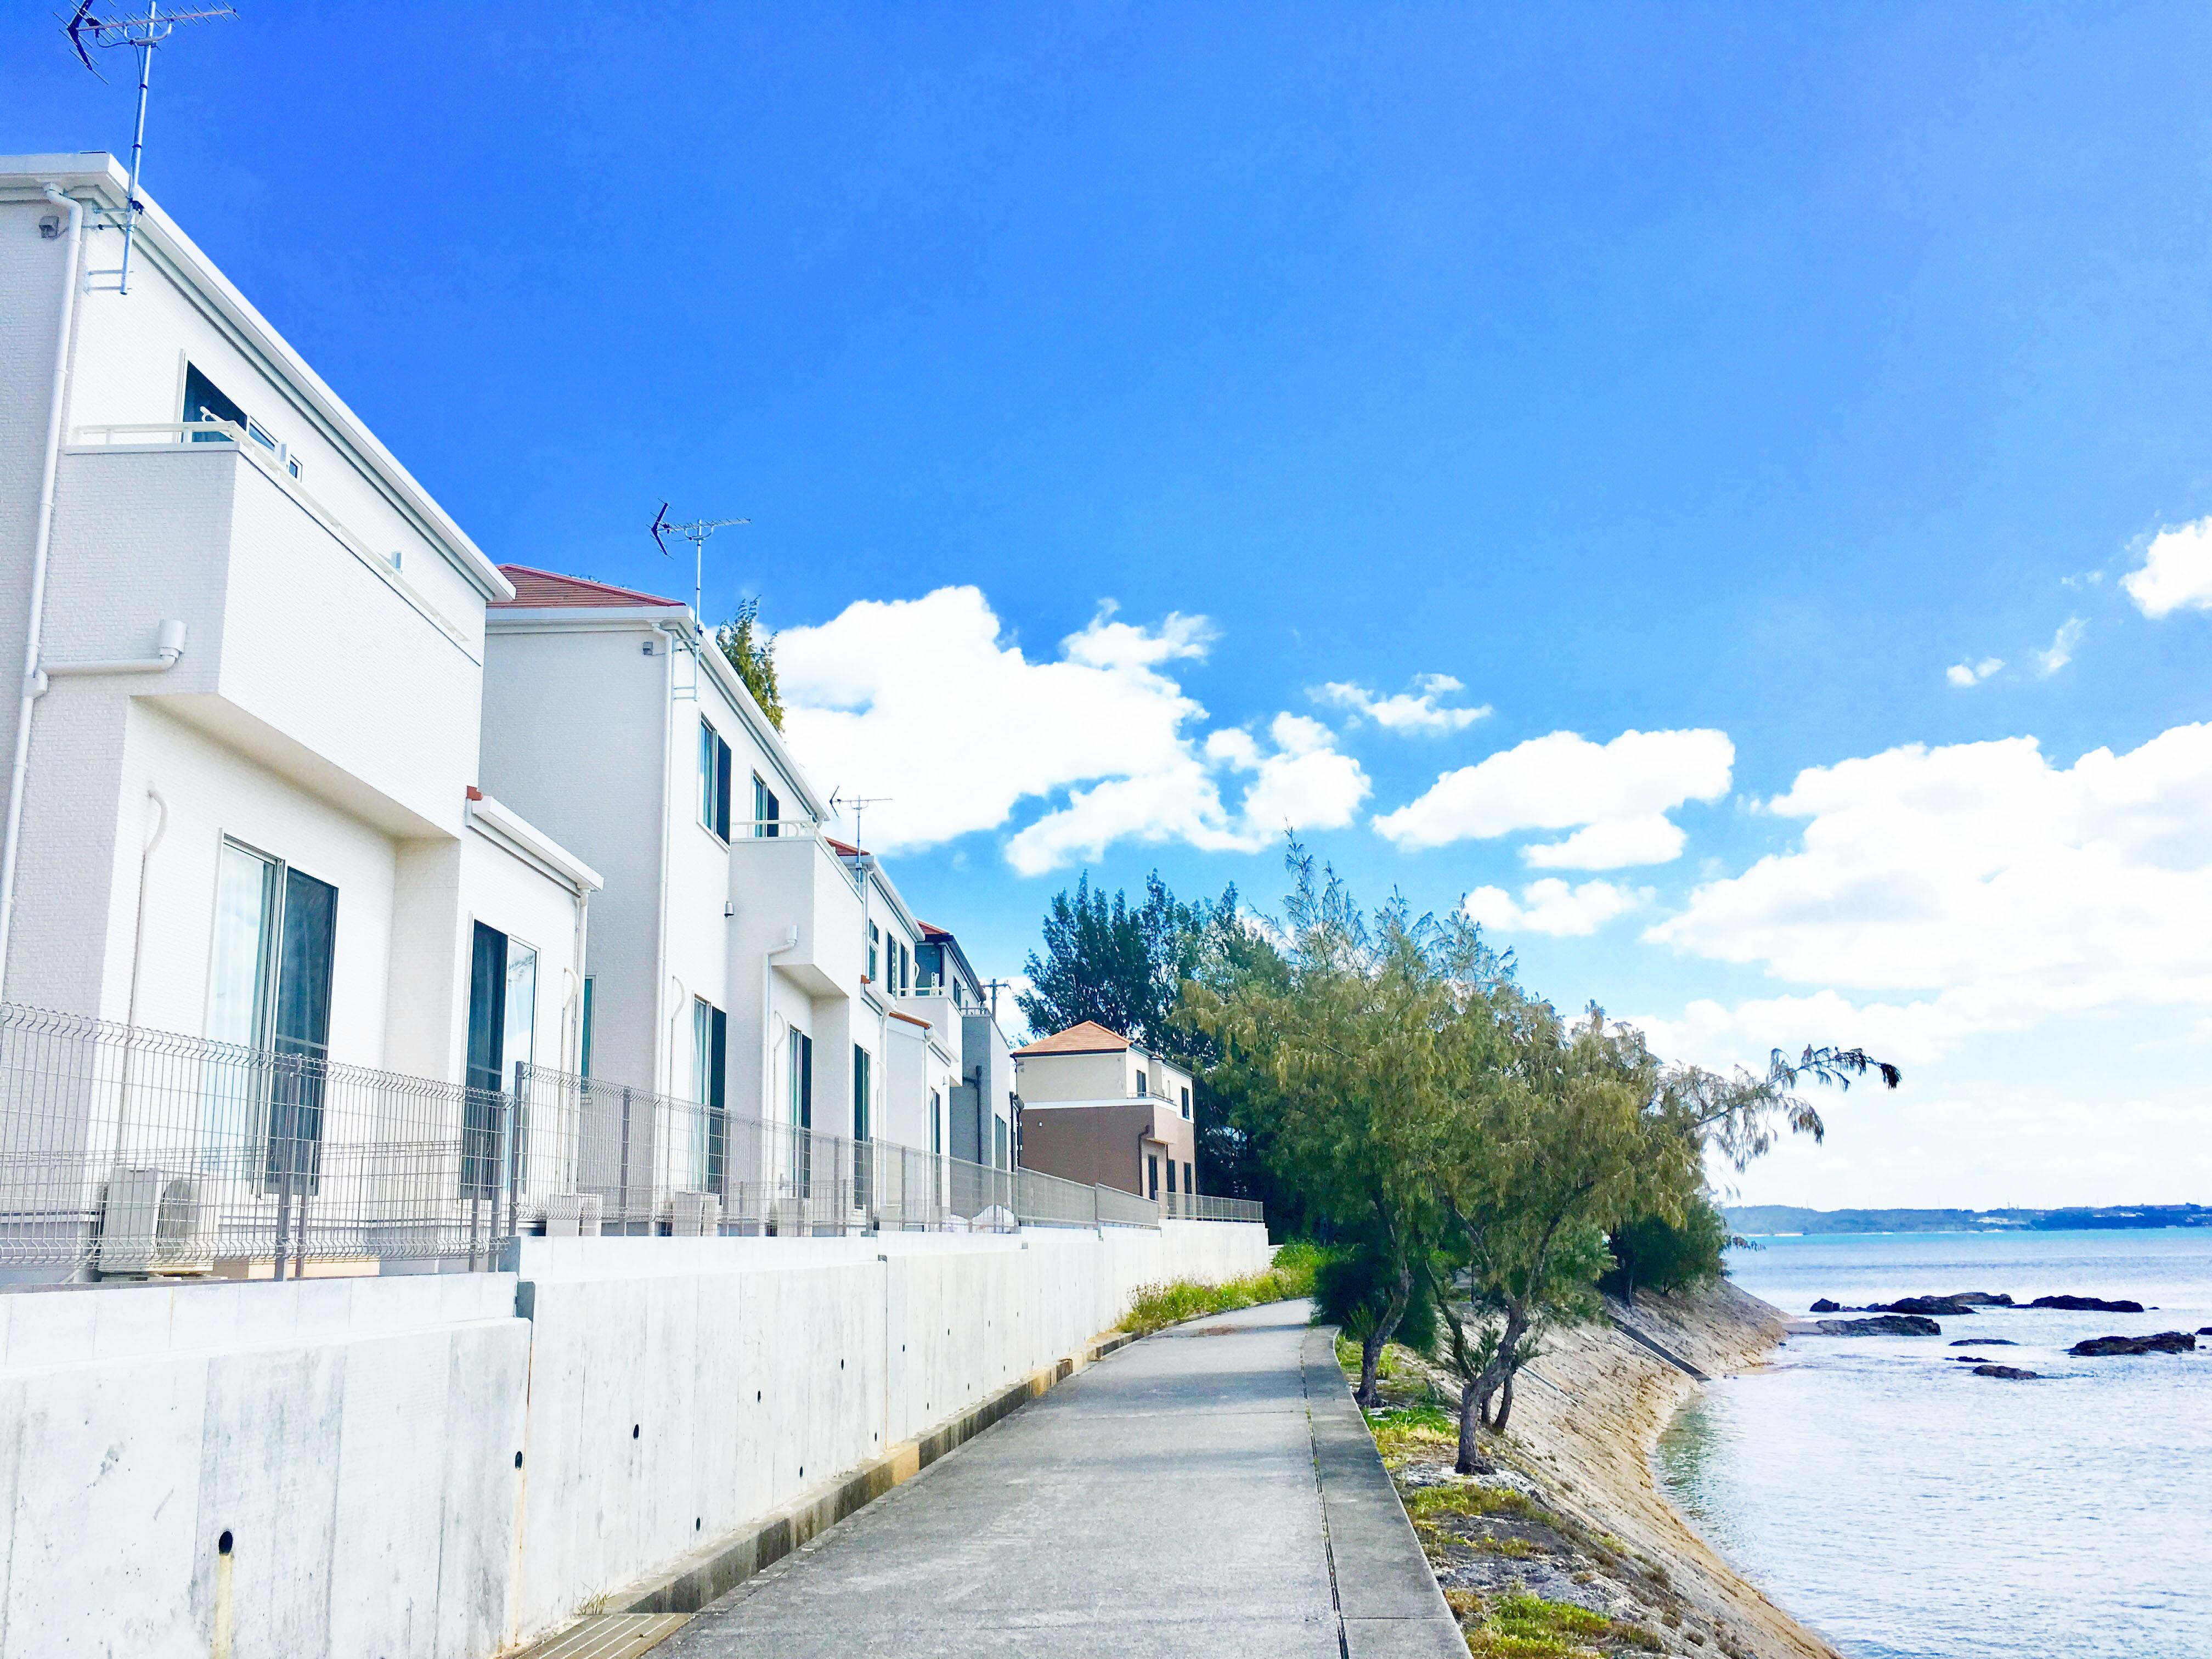 沖繩住宿-沖繩villa推薦-恩納村雙層獨棟旅居